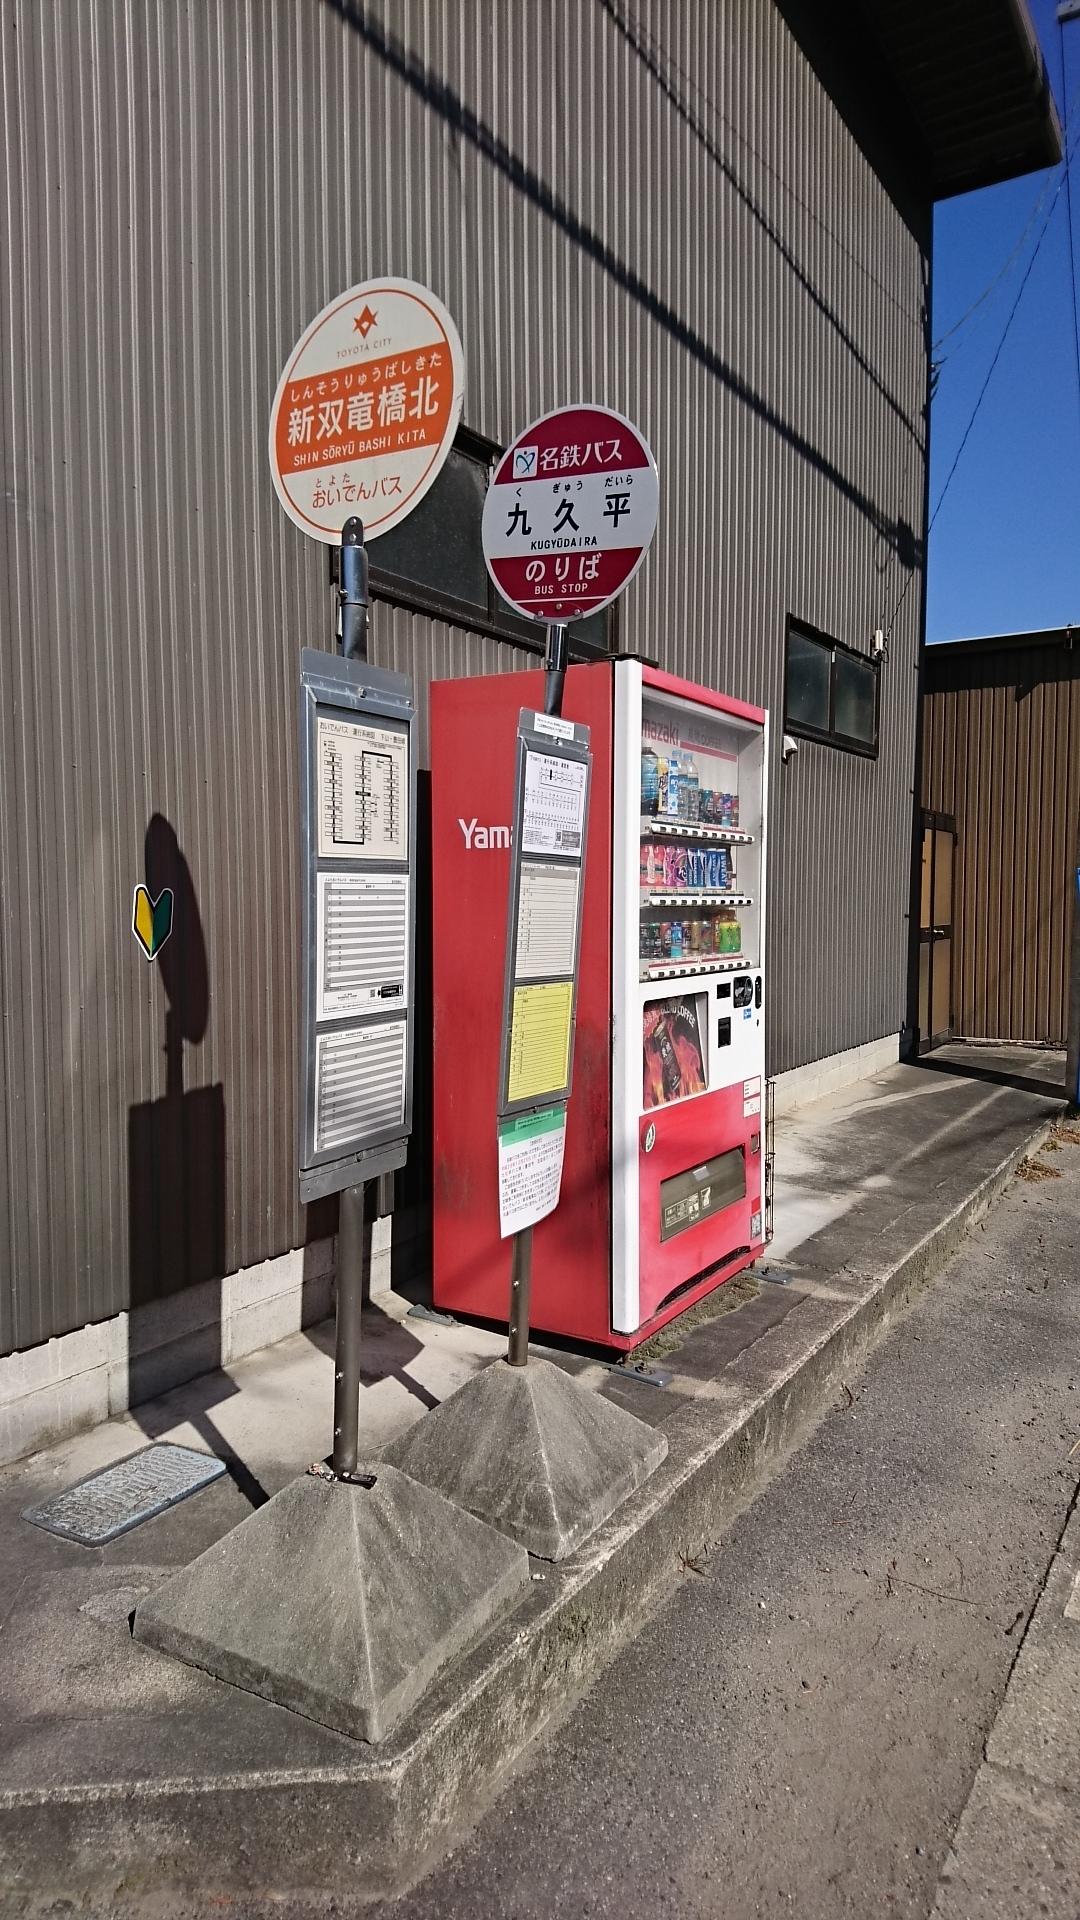 2018.2.27 (90) 新双竜橋北バス停 1080-1920